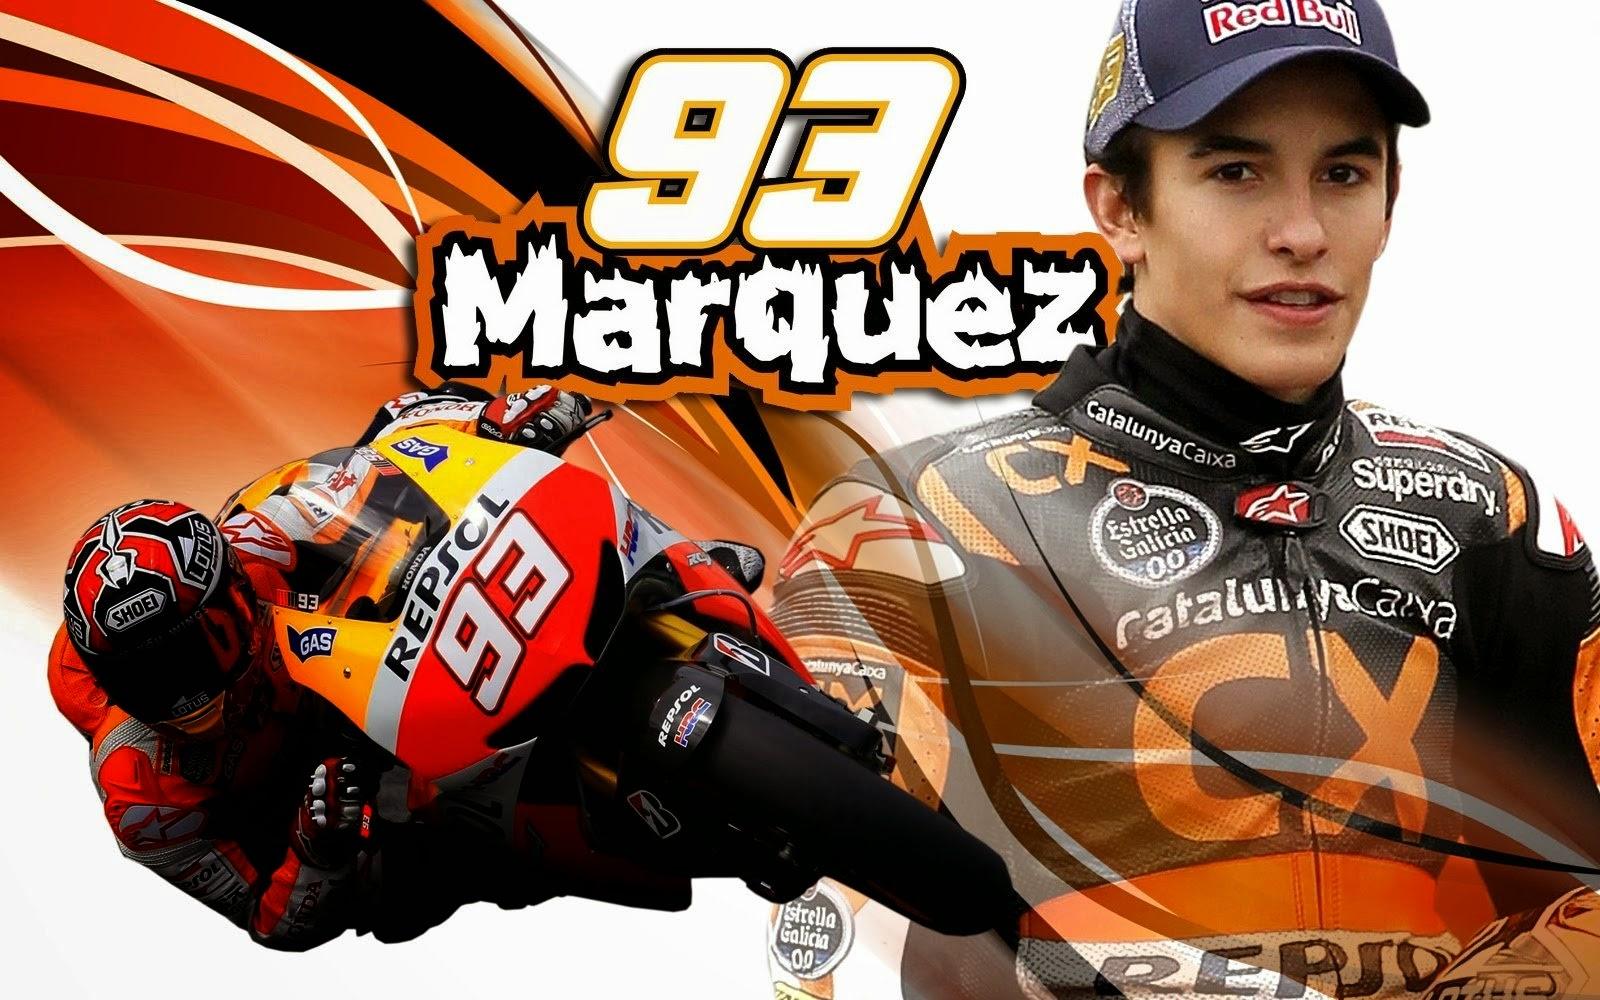 Marc Marquez HD Wallpaper 2014